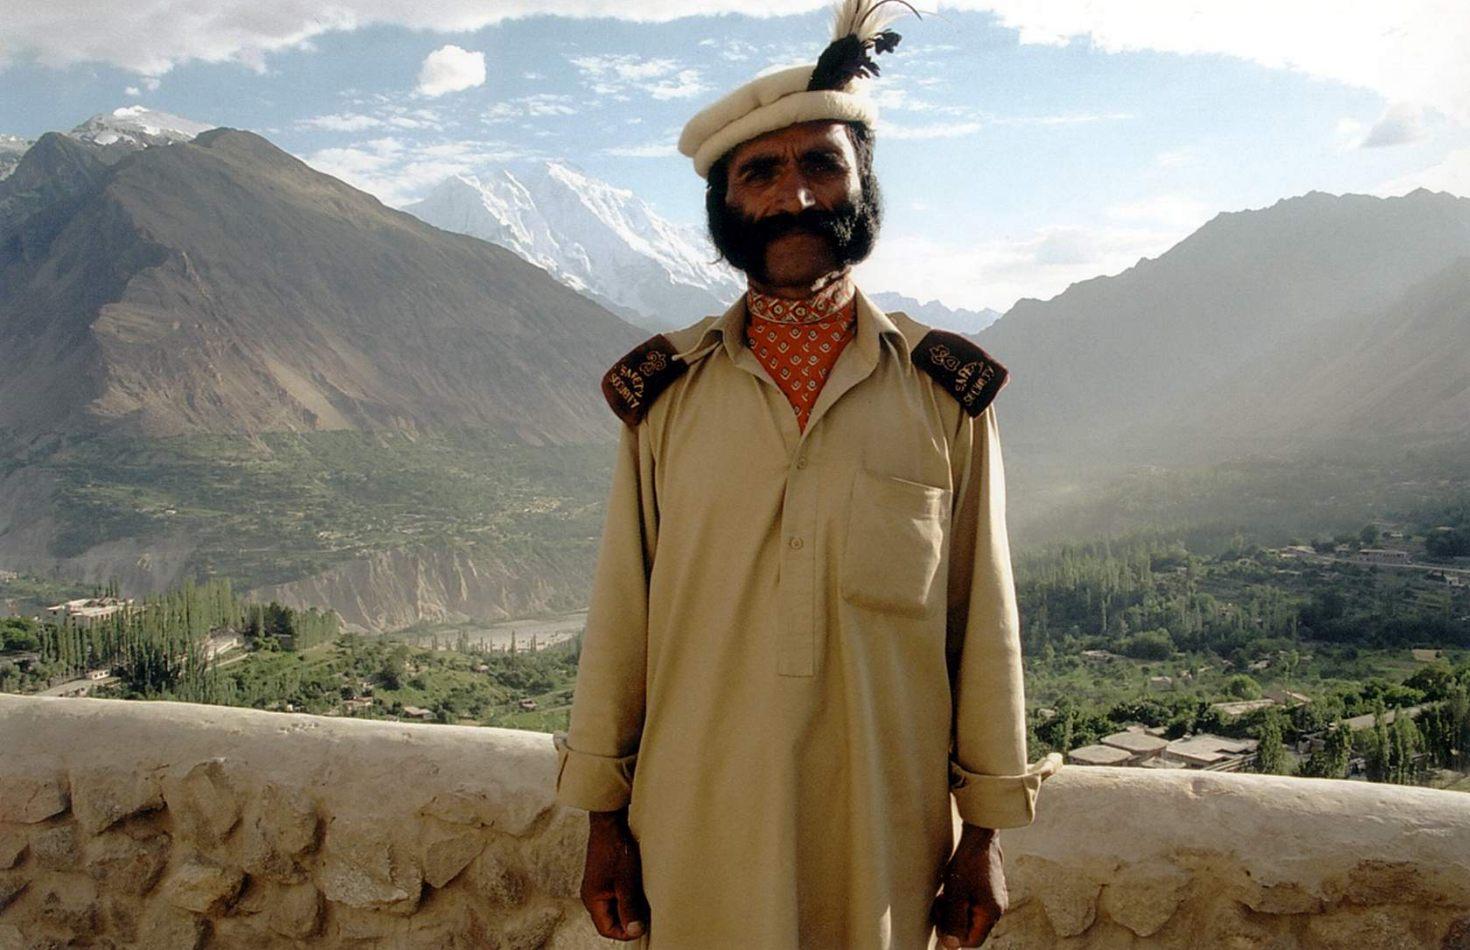 Anthony Ellis Photography: Zindabad - The Guard at Baltit Fort